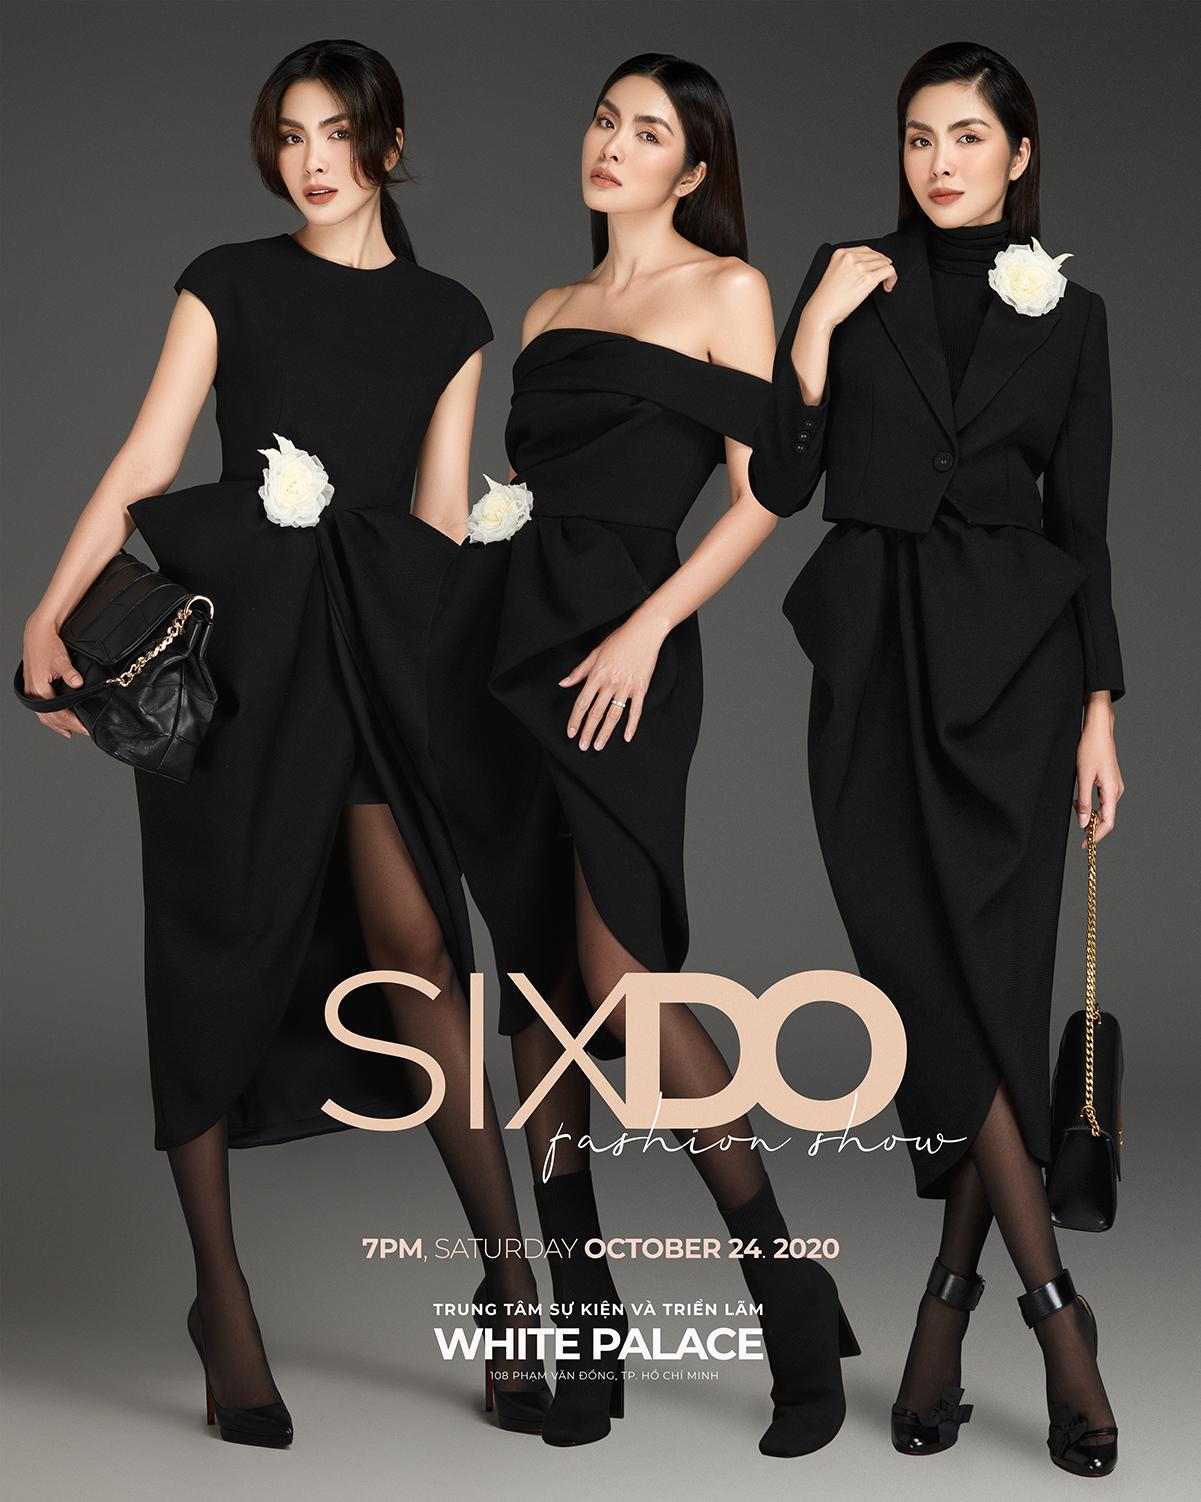 thương hiệu thời trang SIXDO tăng thanh hà